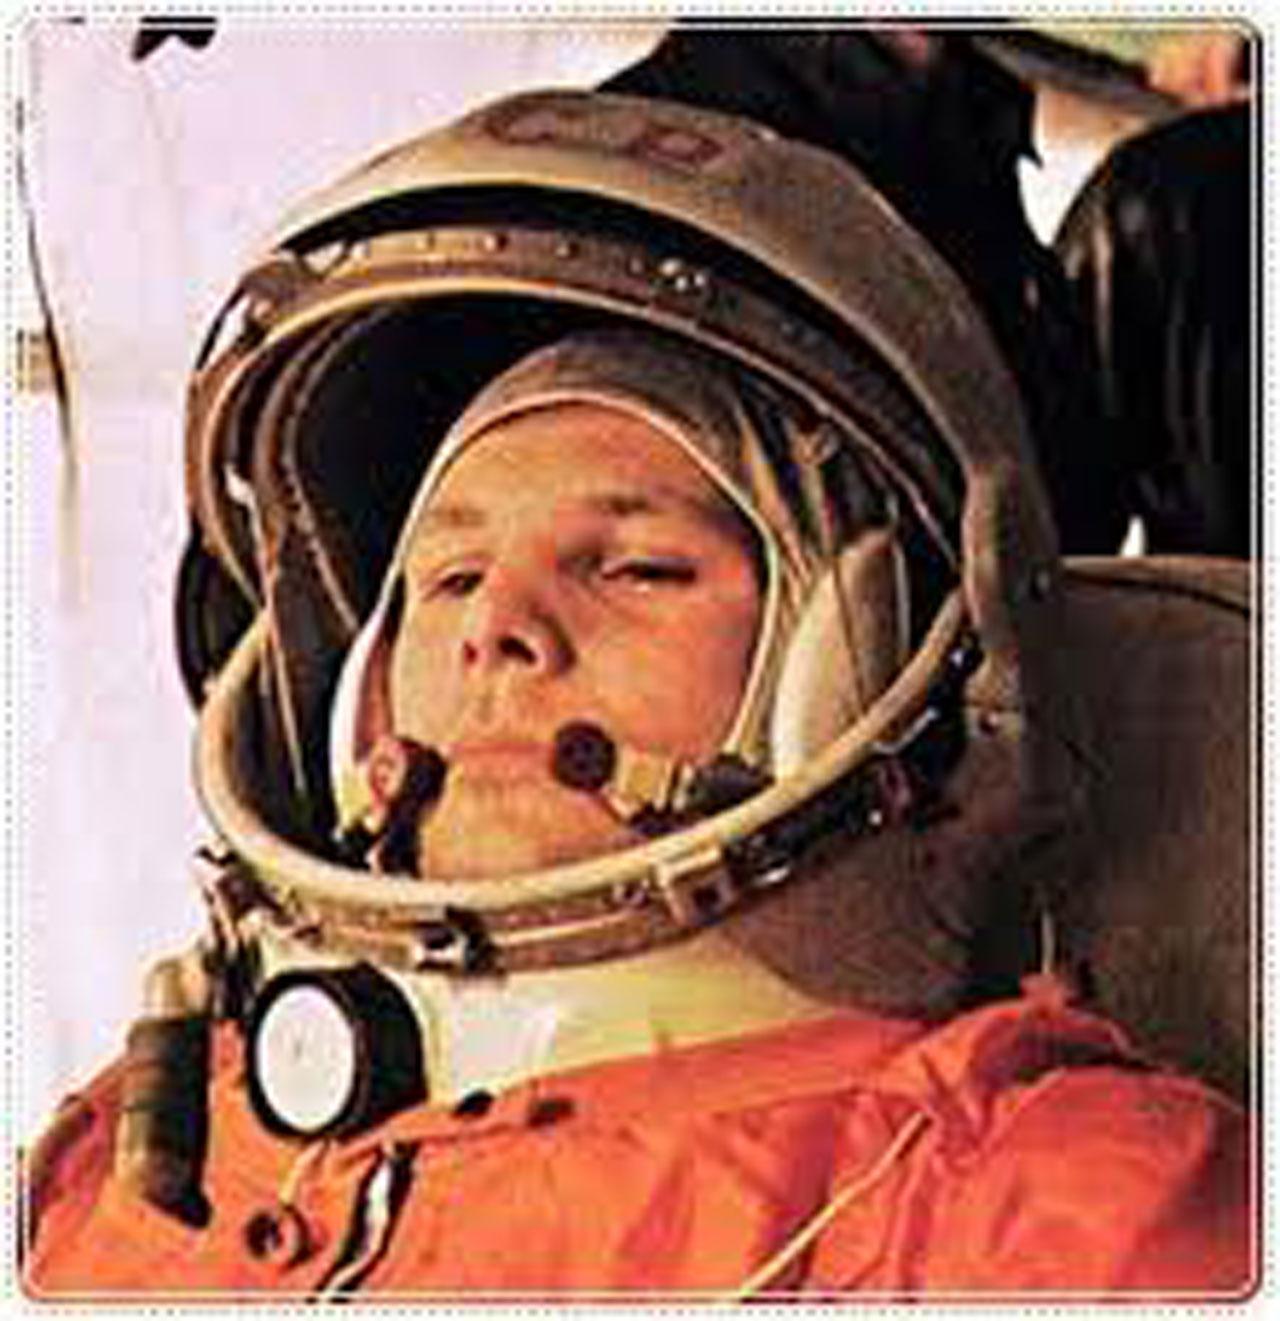 ยูริ กาการิน นักบินอวกาศ ชาวโซเวียต คนแรก ที่เดินทางไปนอกโลก